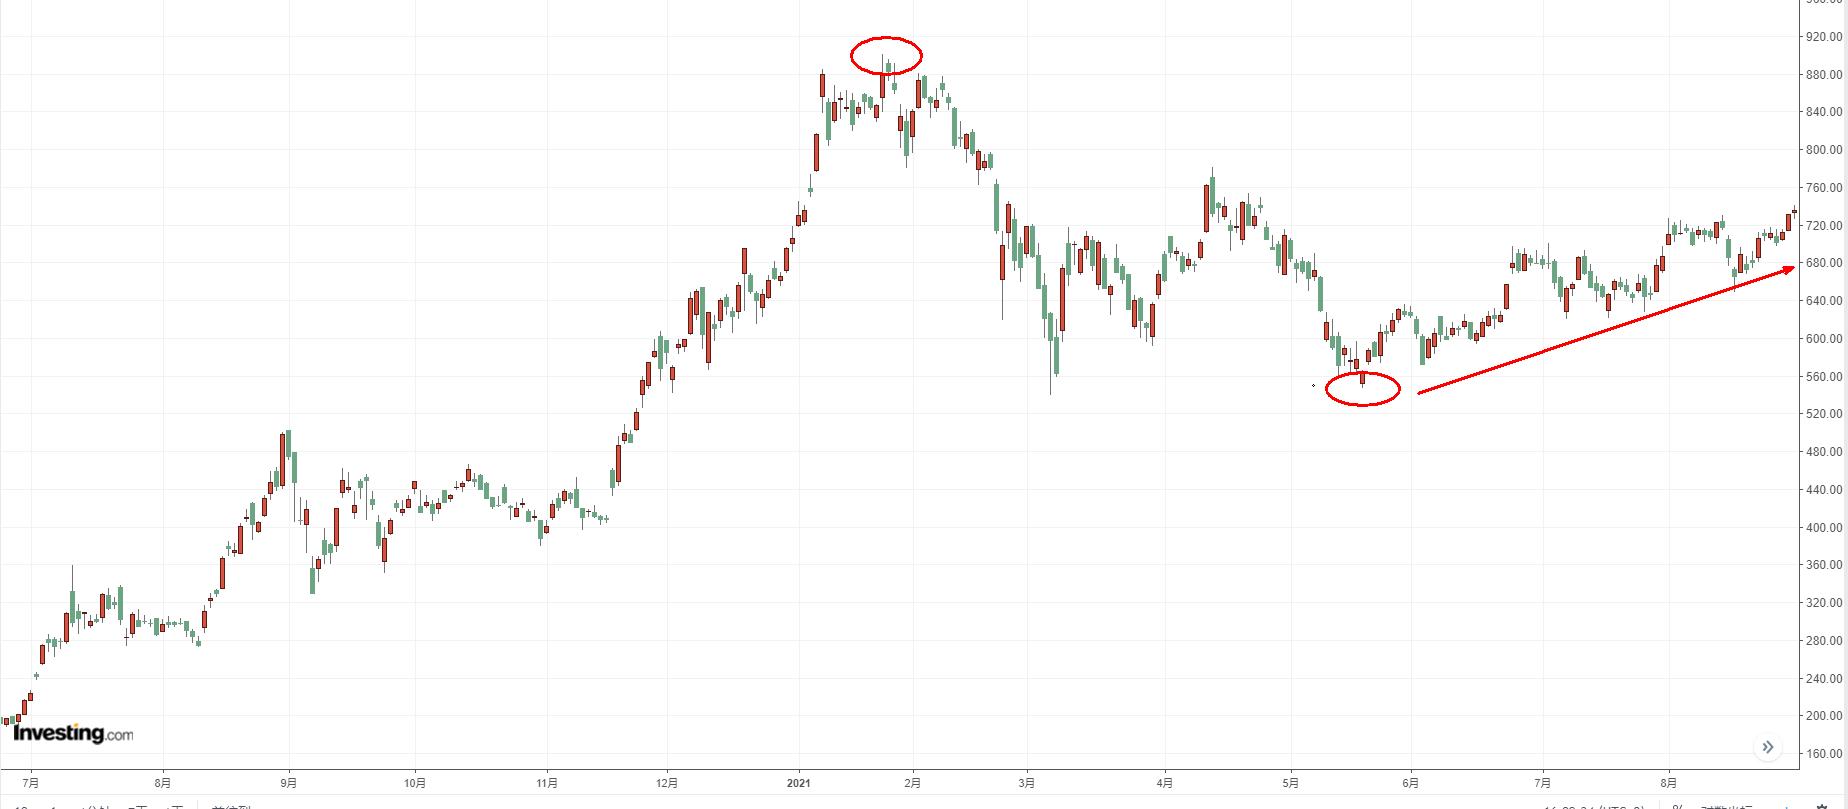 特斯拉日線圖,來源:Investing.com